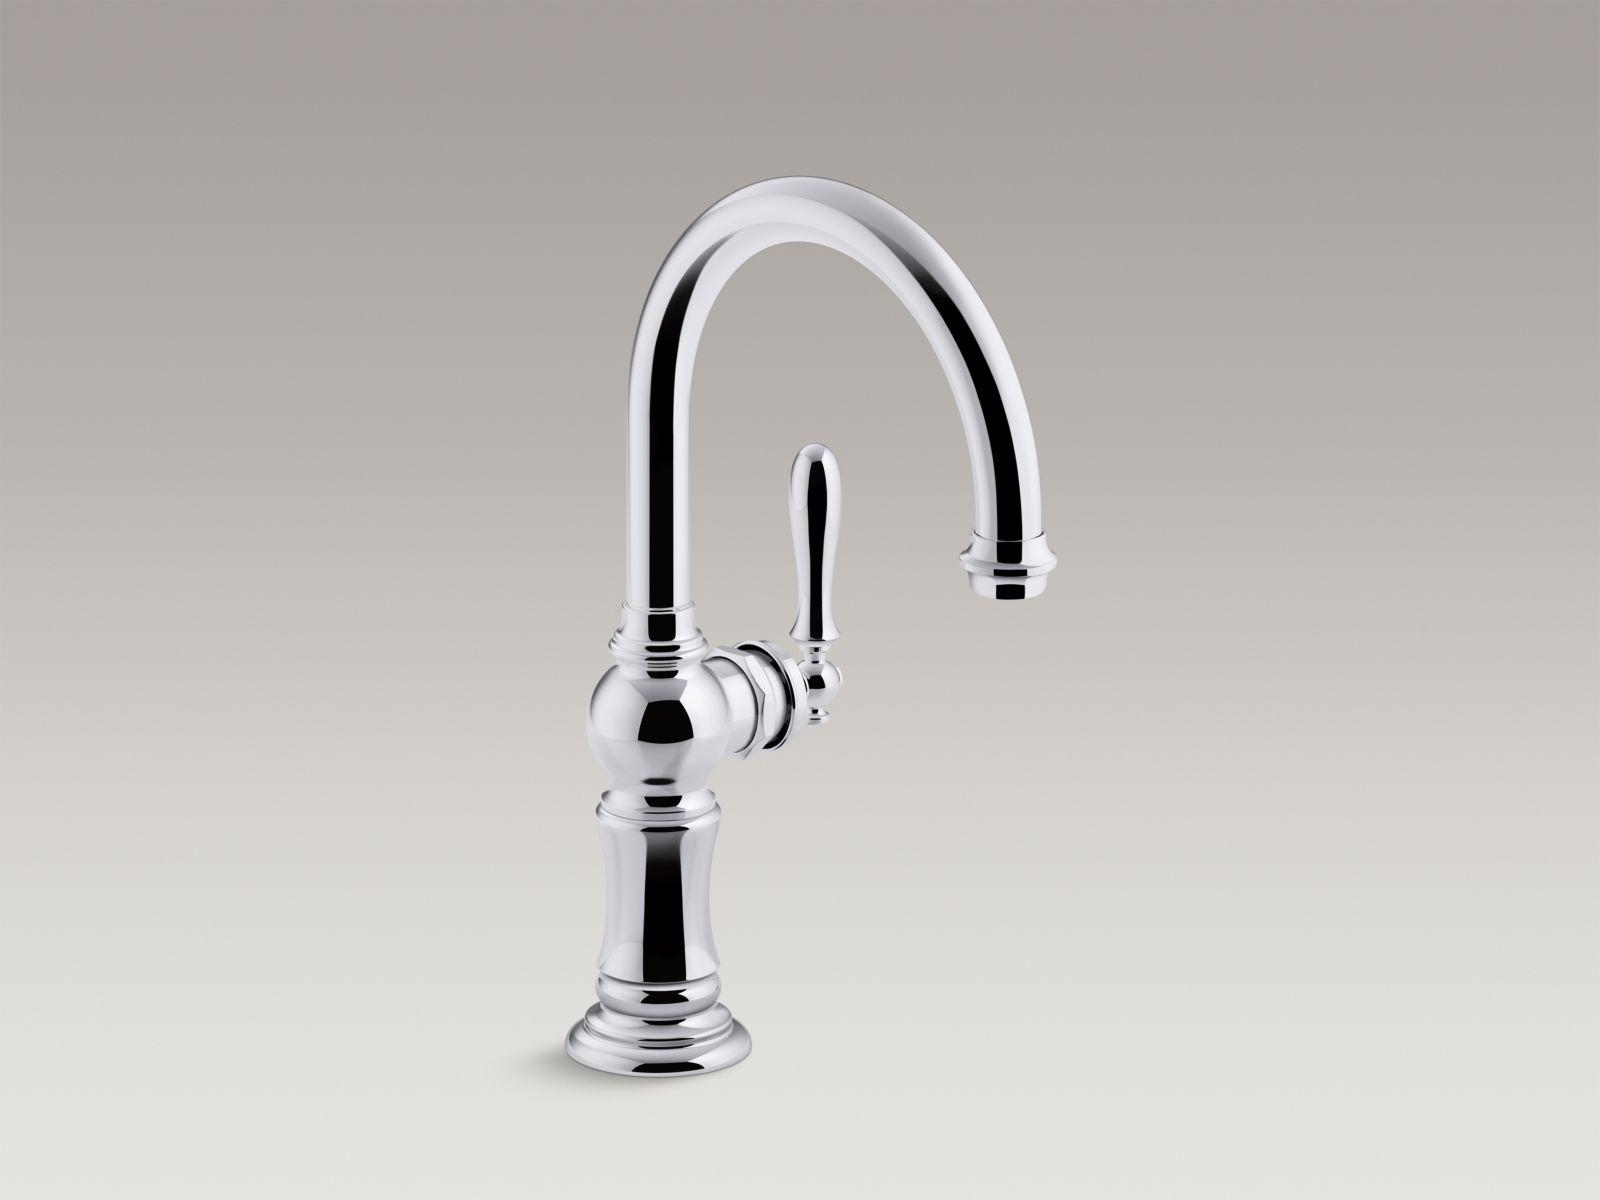 Ideas, kohler revival centerset lavatory faucet kohler revival centerset lavatory faucet buyplumbing category bar prep faucet 1600 x 1200 1  .